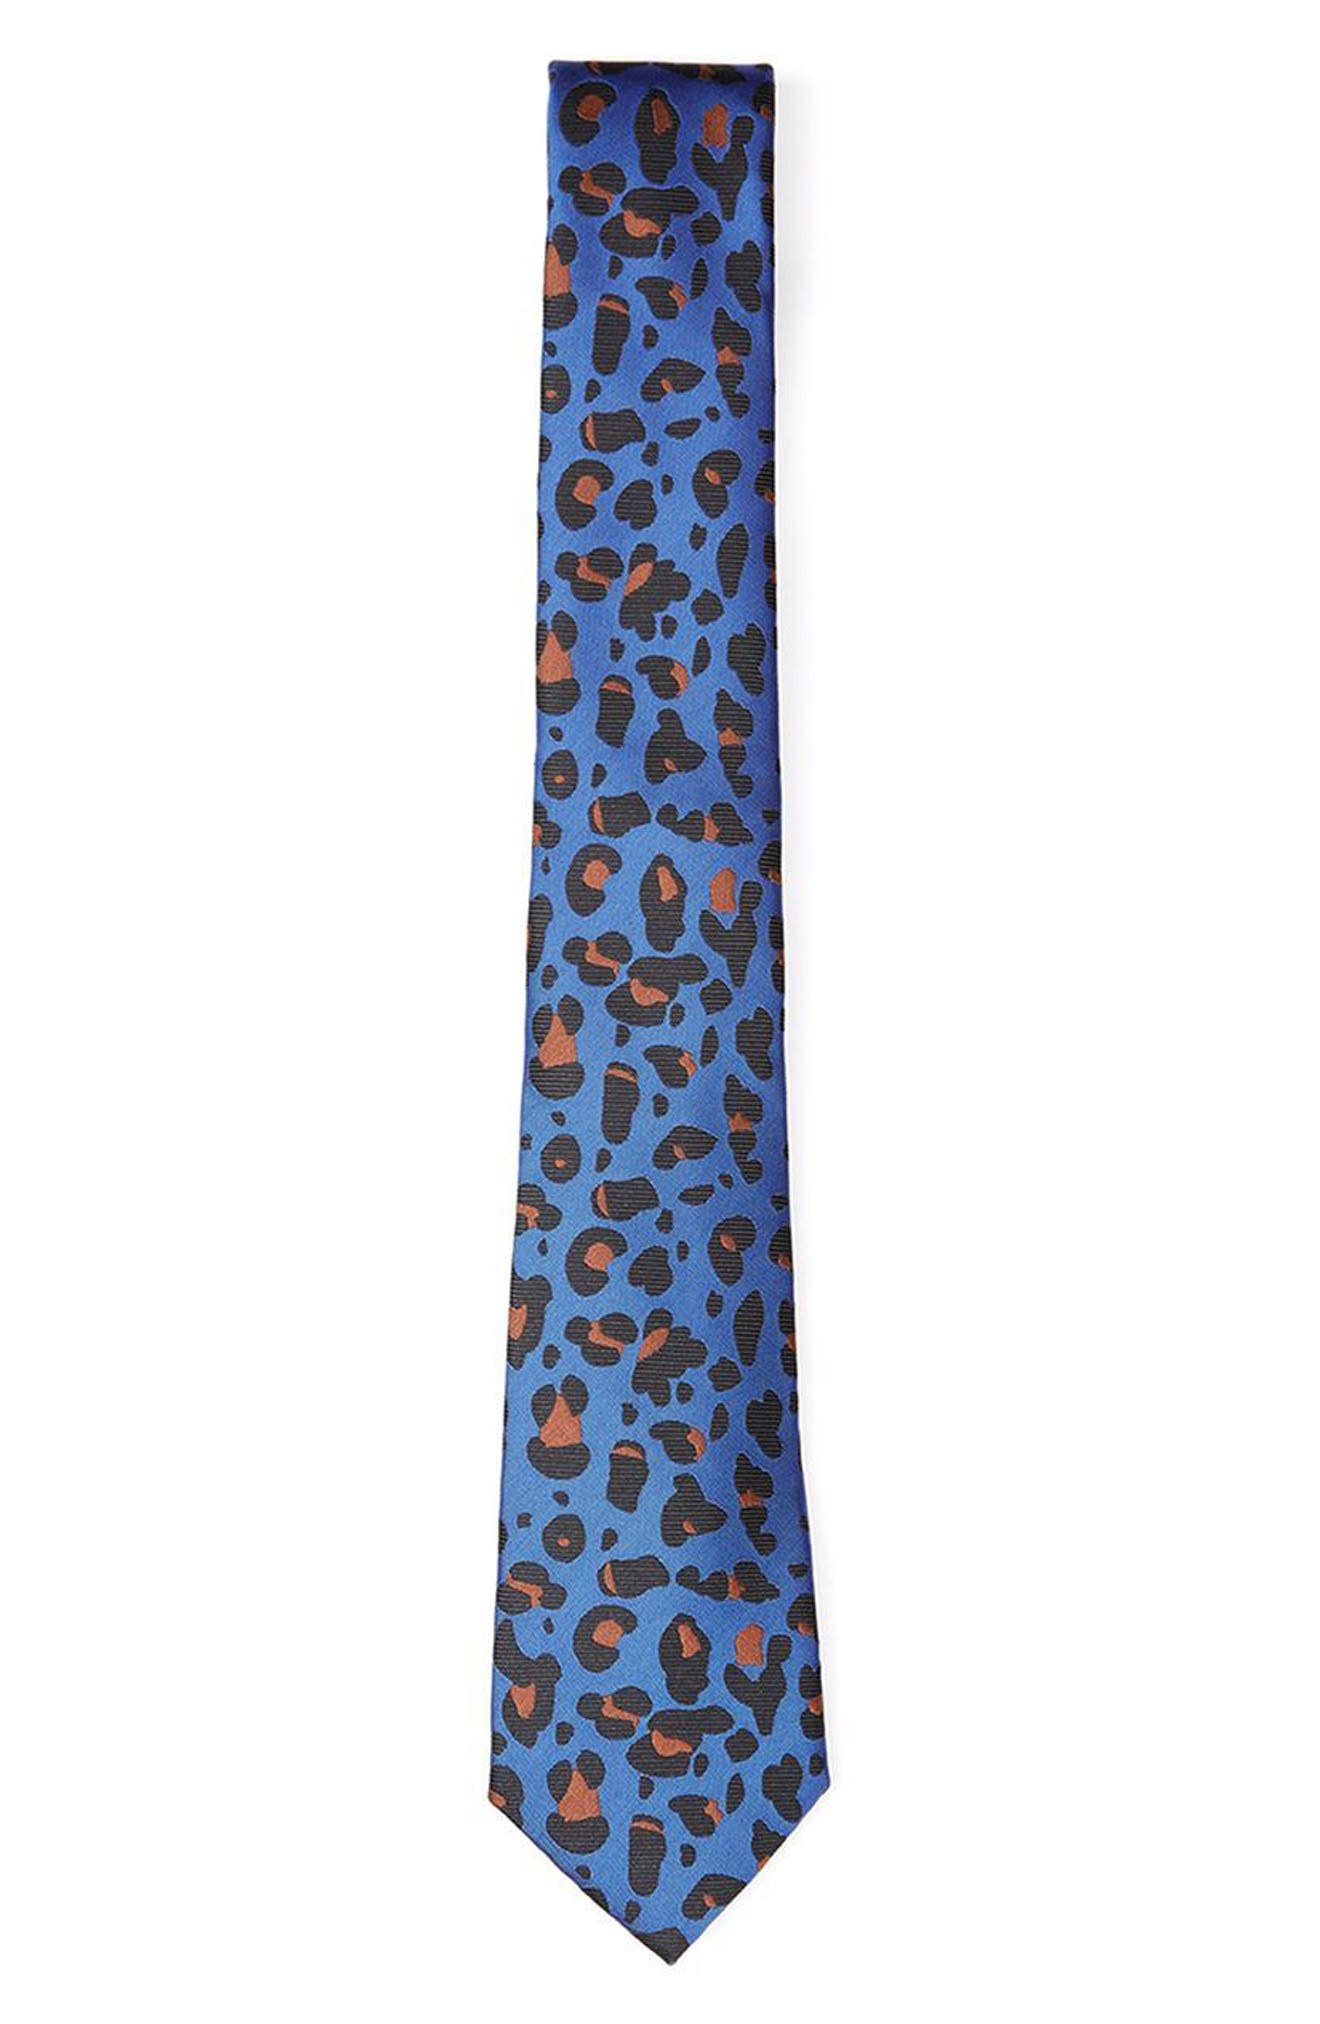 Topman Leopard Print Tie